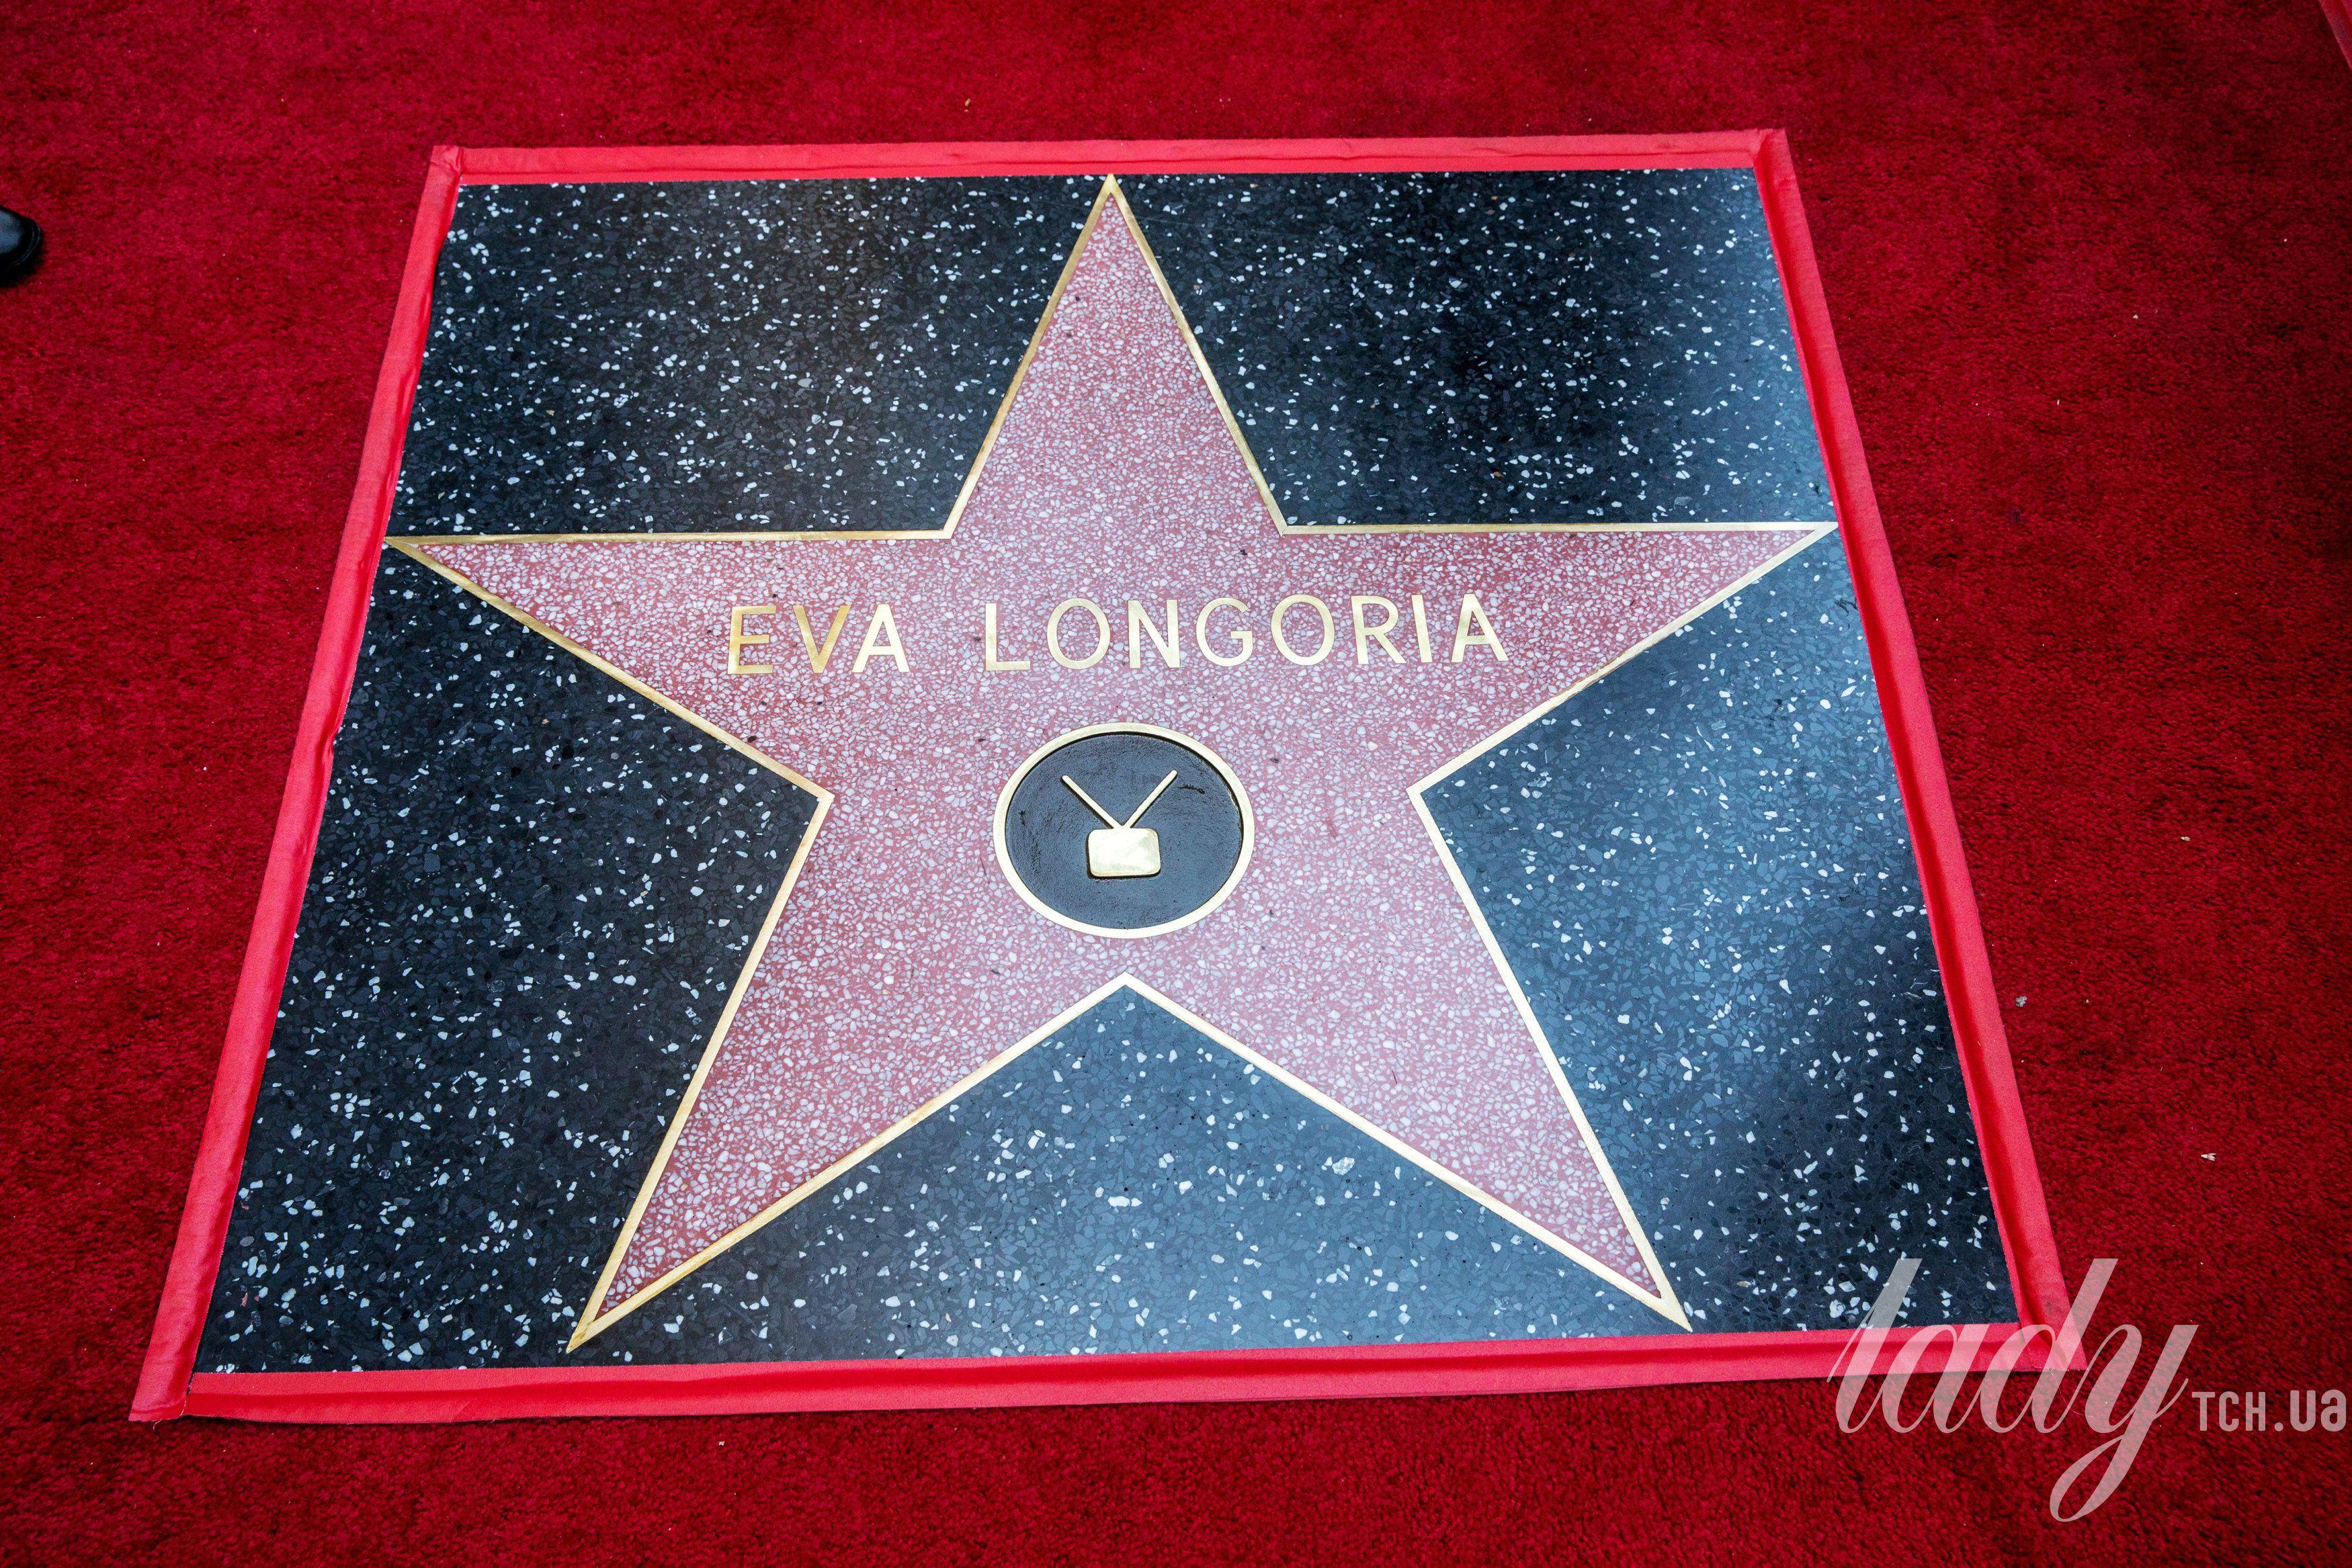 Ева Лонгория_5